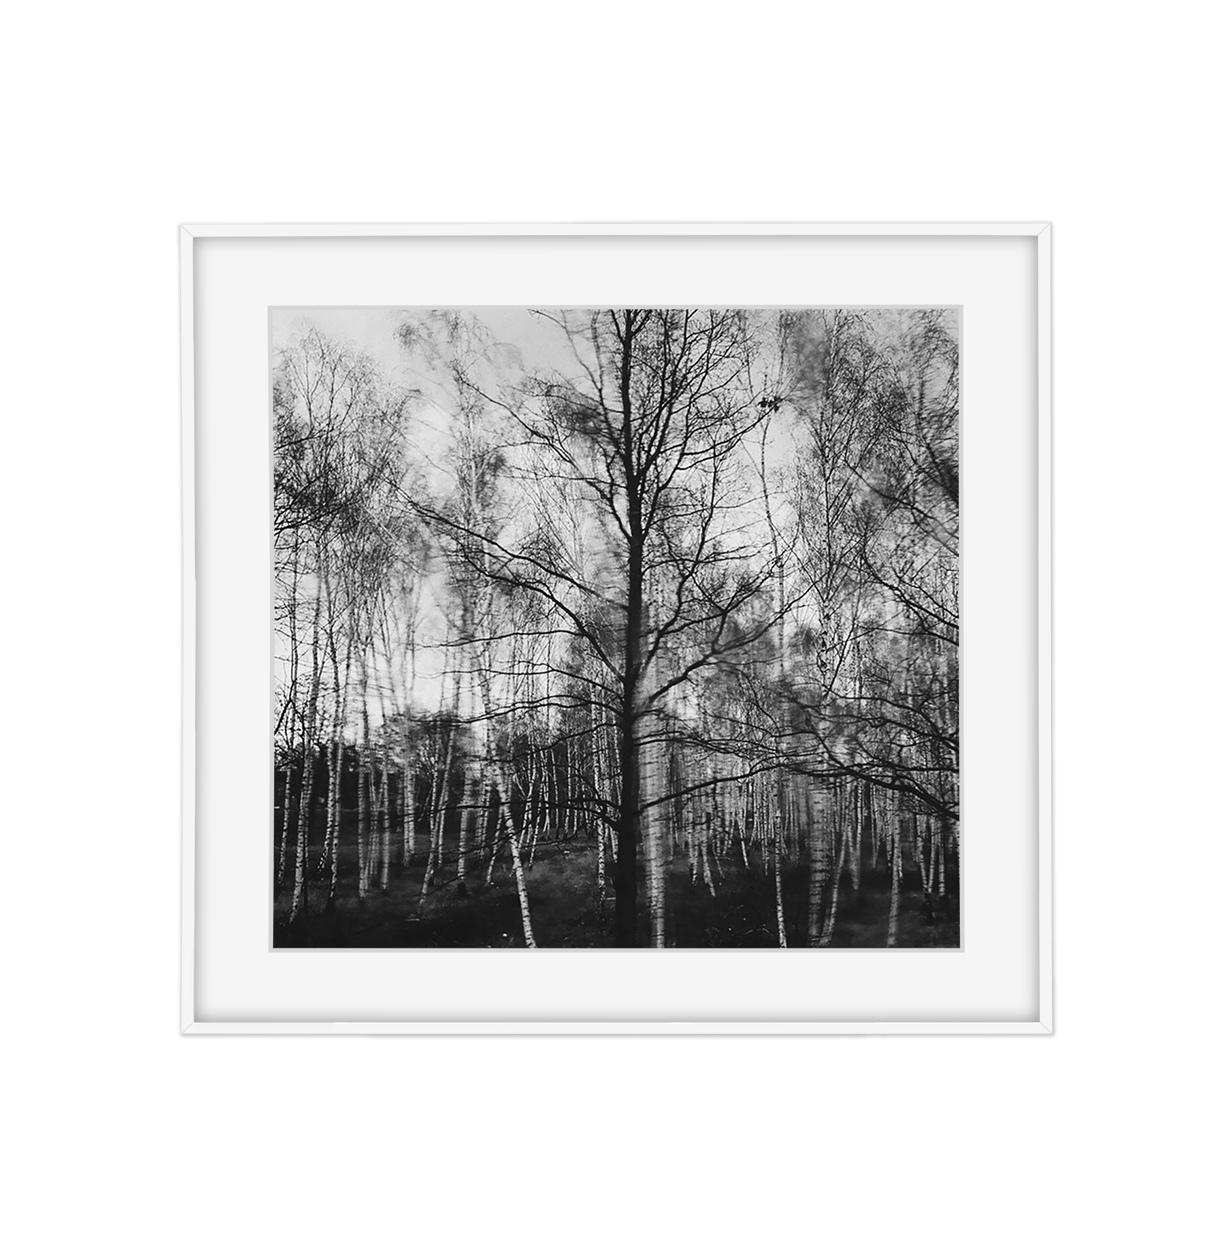 הדפס ומסגור - עצים נודדים